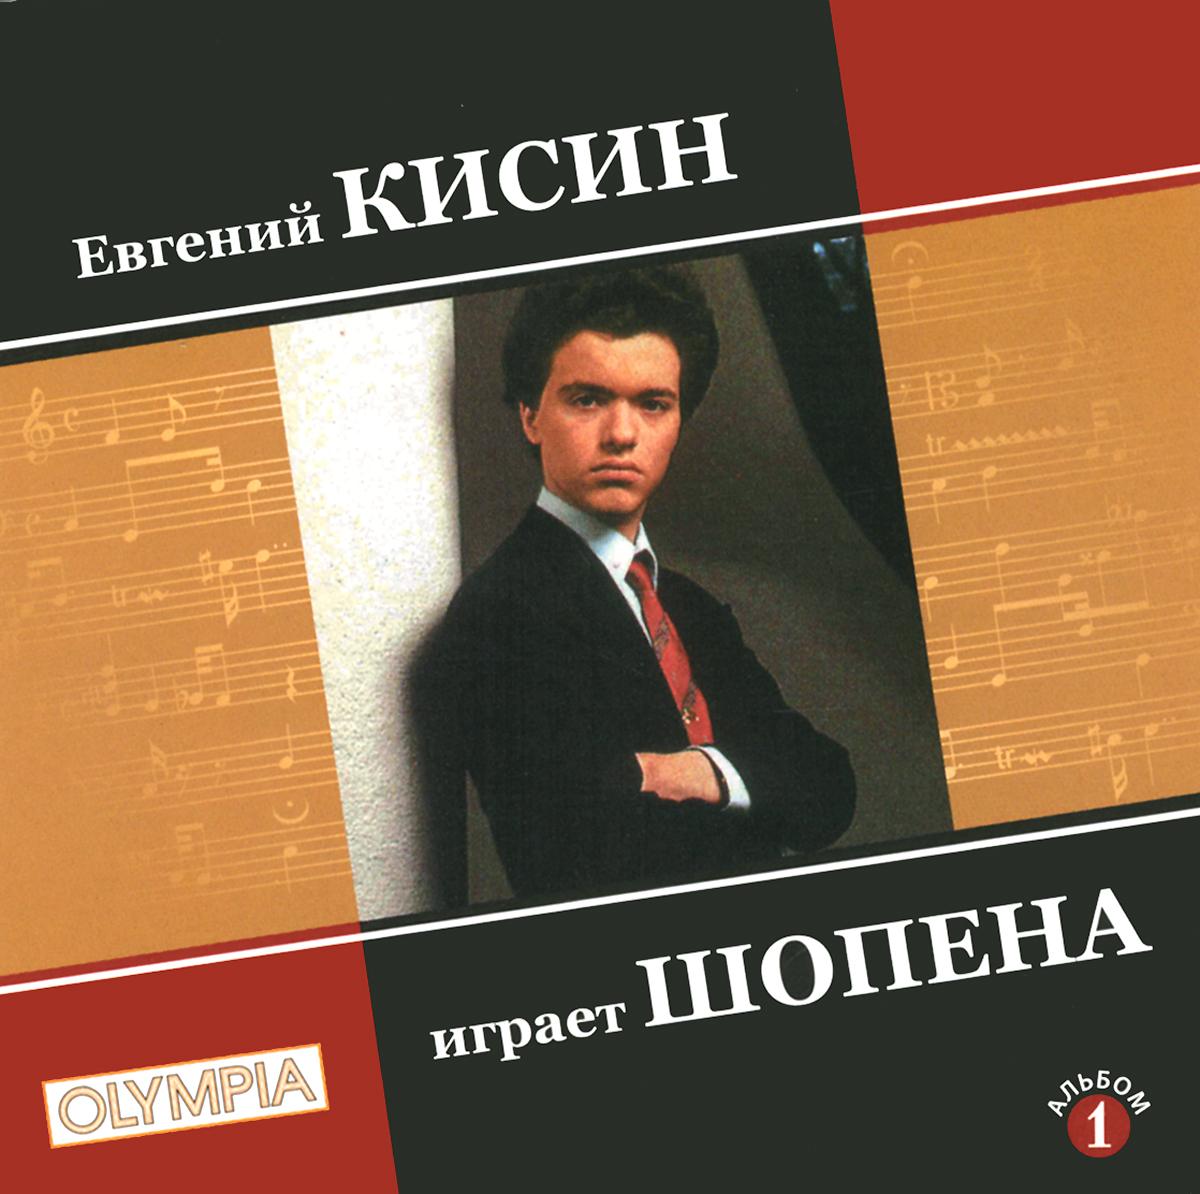 Год записи: 1988, место записи: Япония, совместно с СССР.